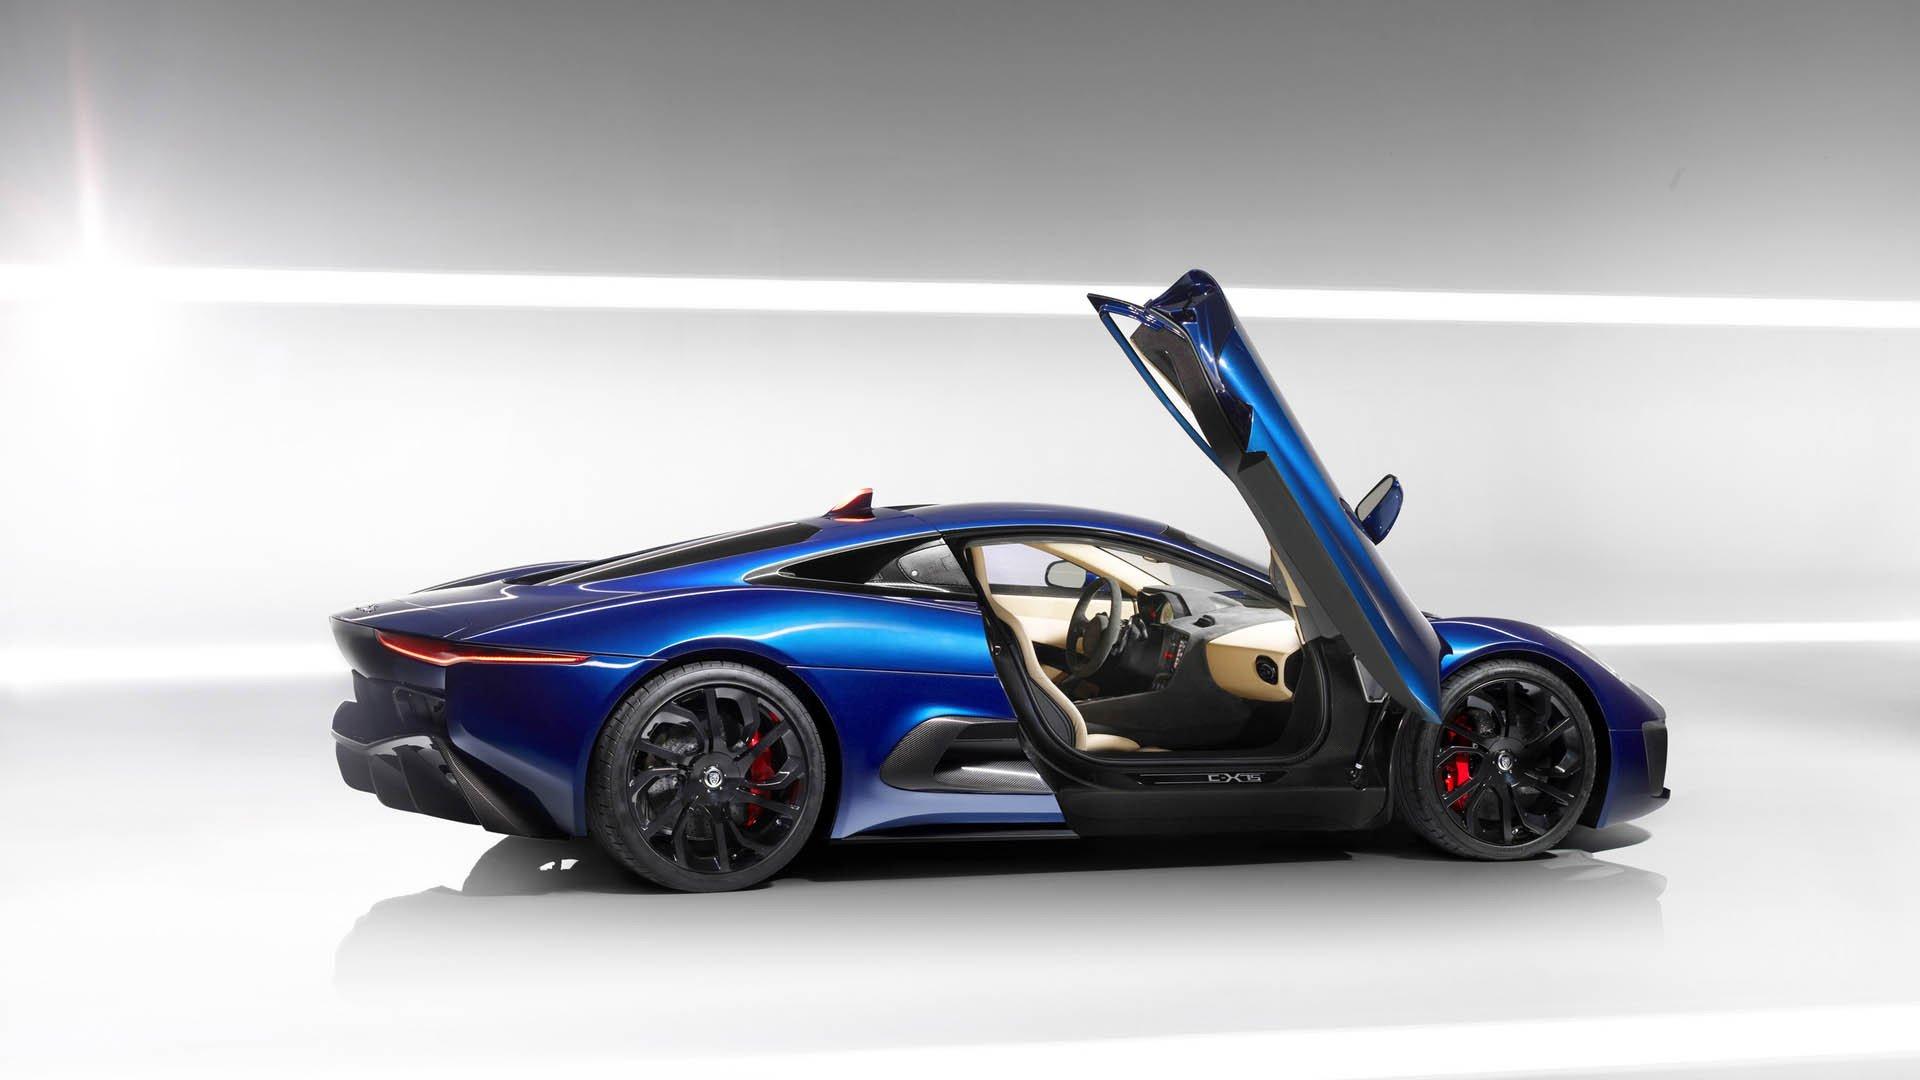 汽车天下,捷豹,C-X758,蓝色跑车